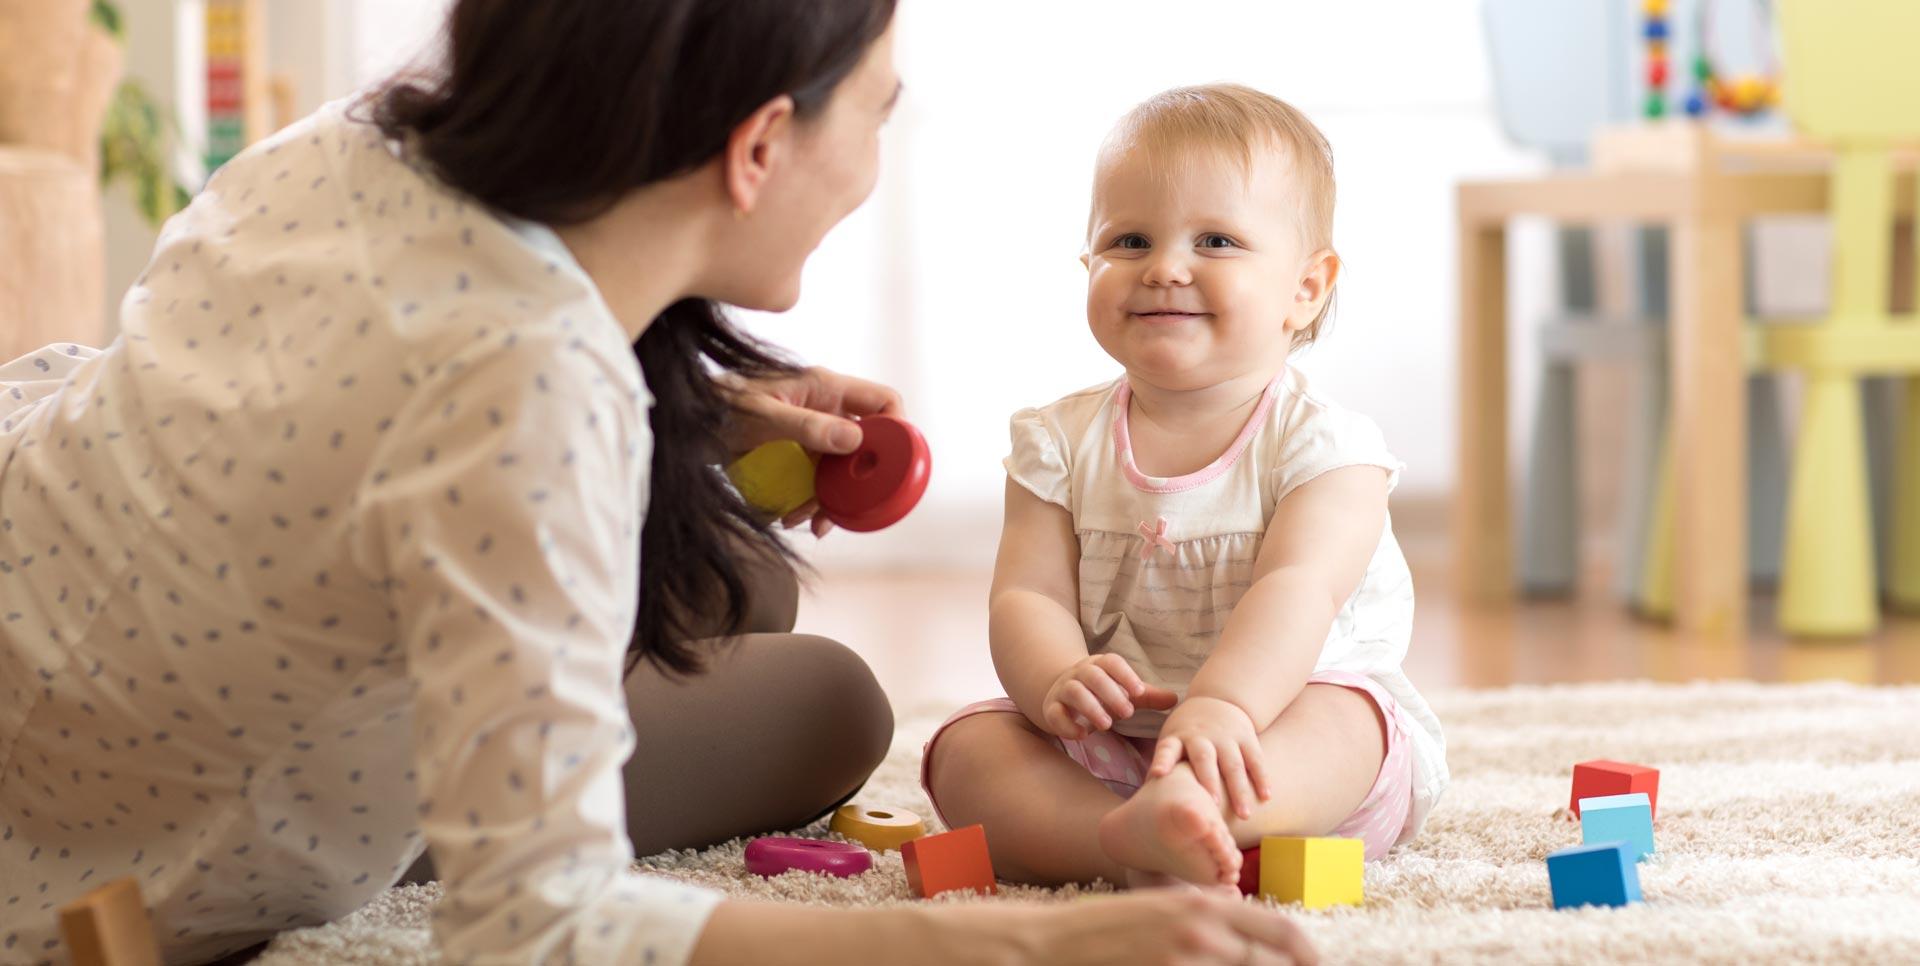 کودک خود را به مهدکودک بسپاریم یا پرستار؟